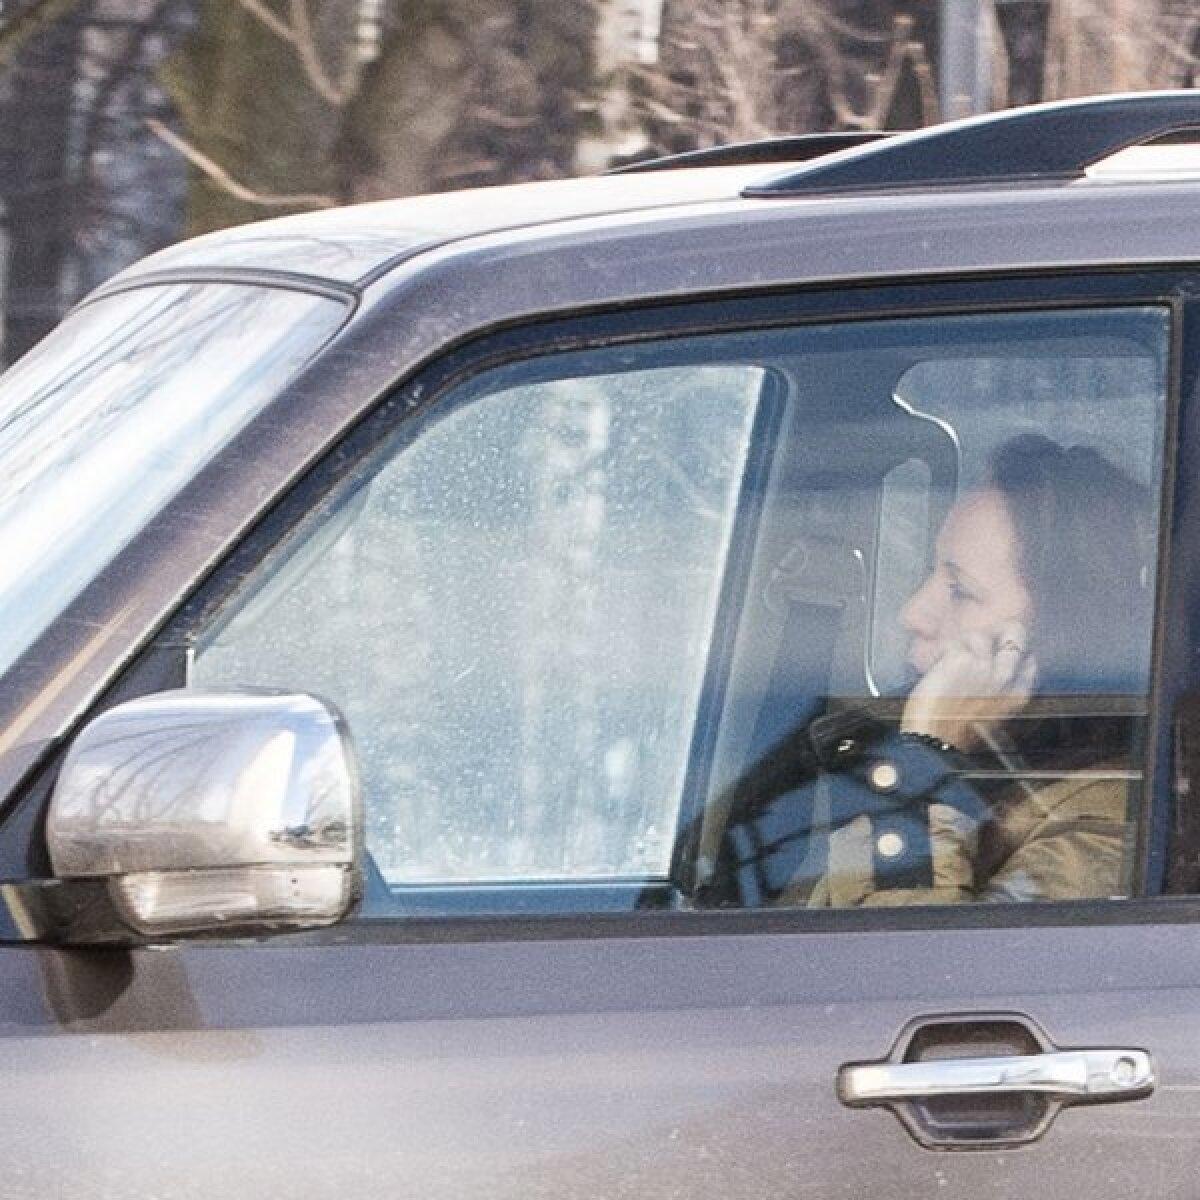 Eesti Päevaleht tabas eelmisel nädalal taas riigikogulasi, mobiiltelefon käes, autot juhtimas: Mailis Reps